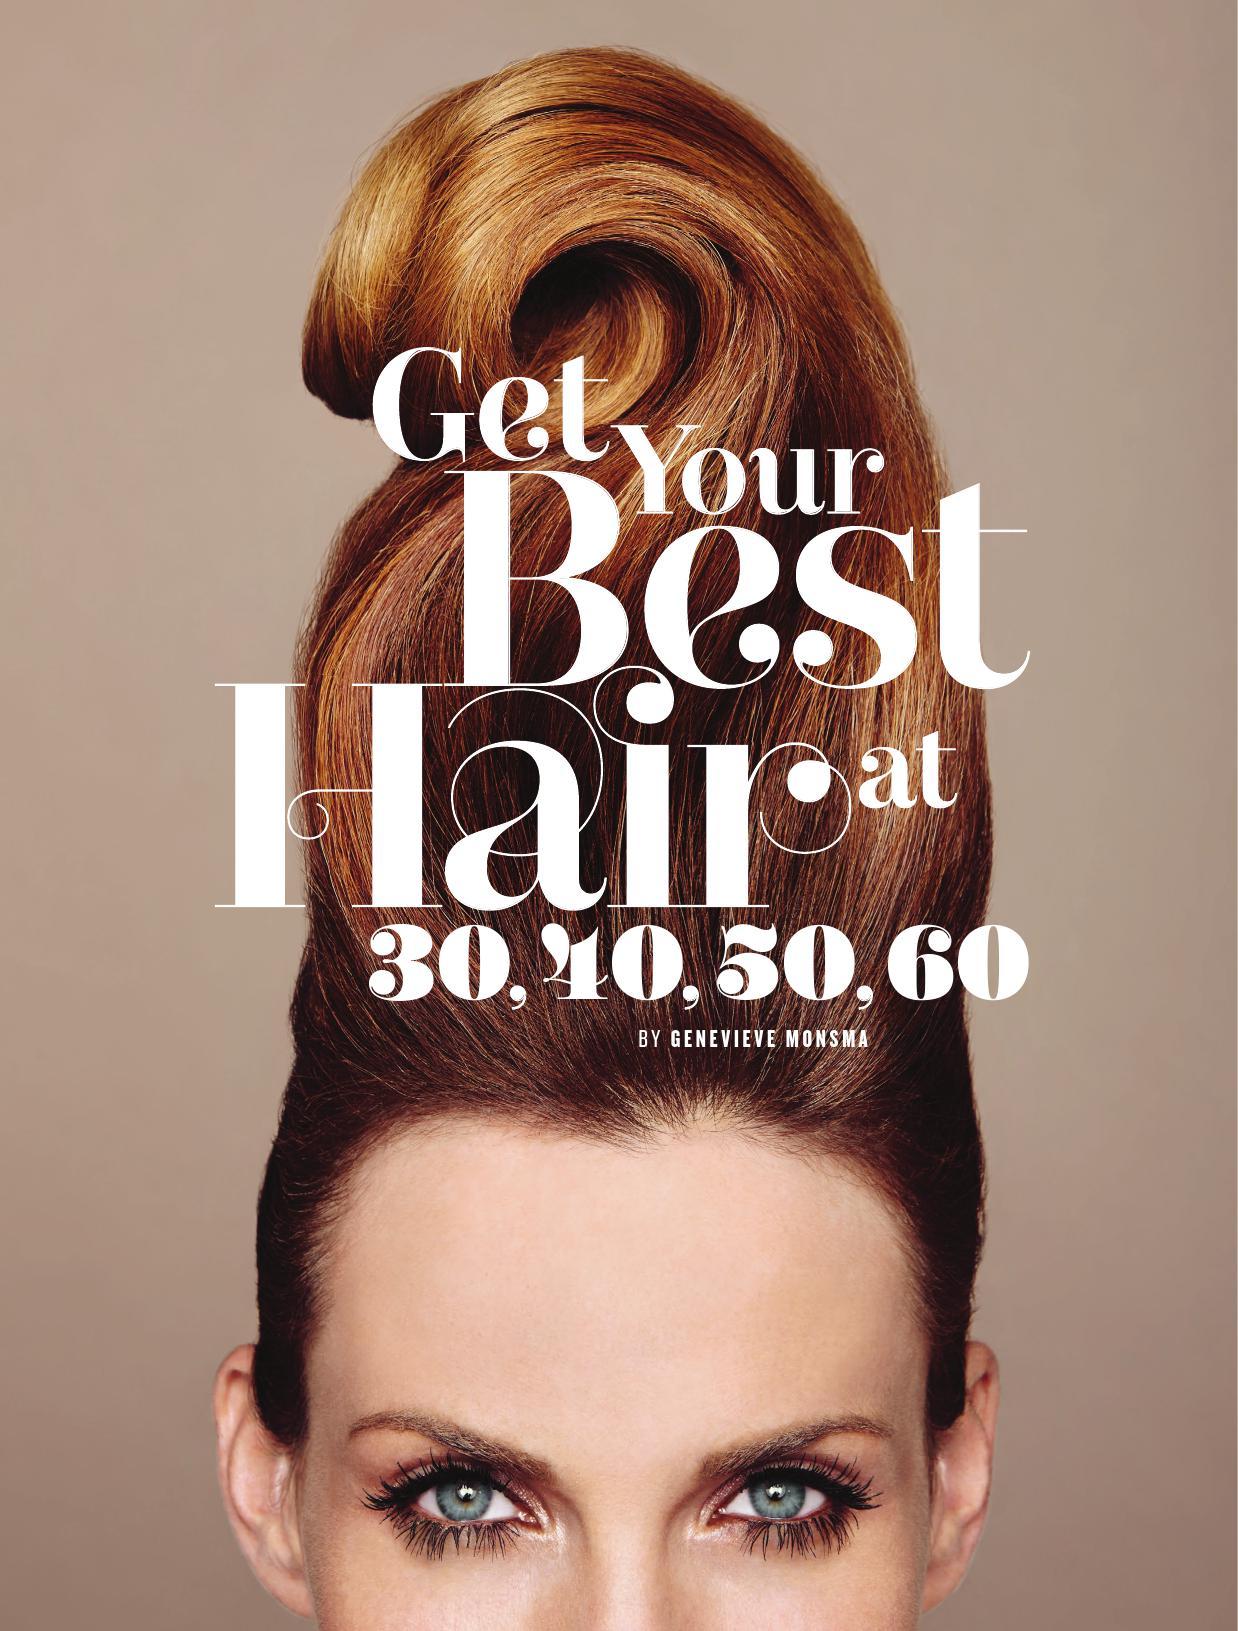 088-095 MR1213 Hair_000001.jpg